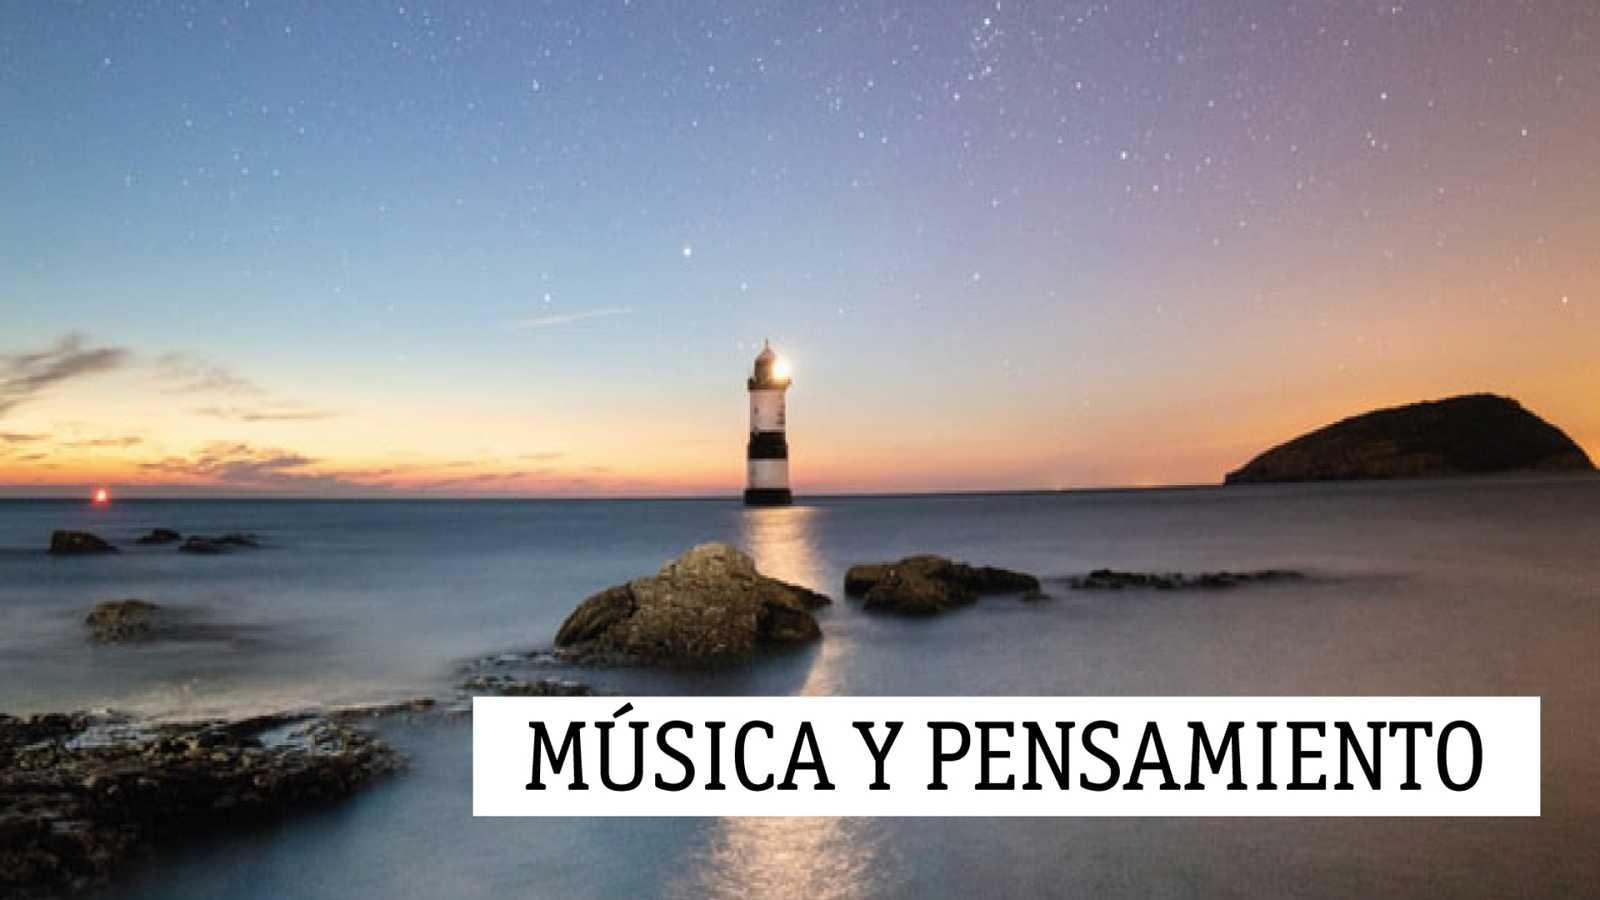 Música y pensamiento - La Excelencia y el Arte del Consejo - 31/05/20 - escuchar ahora